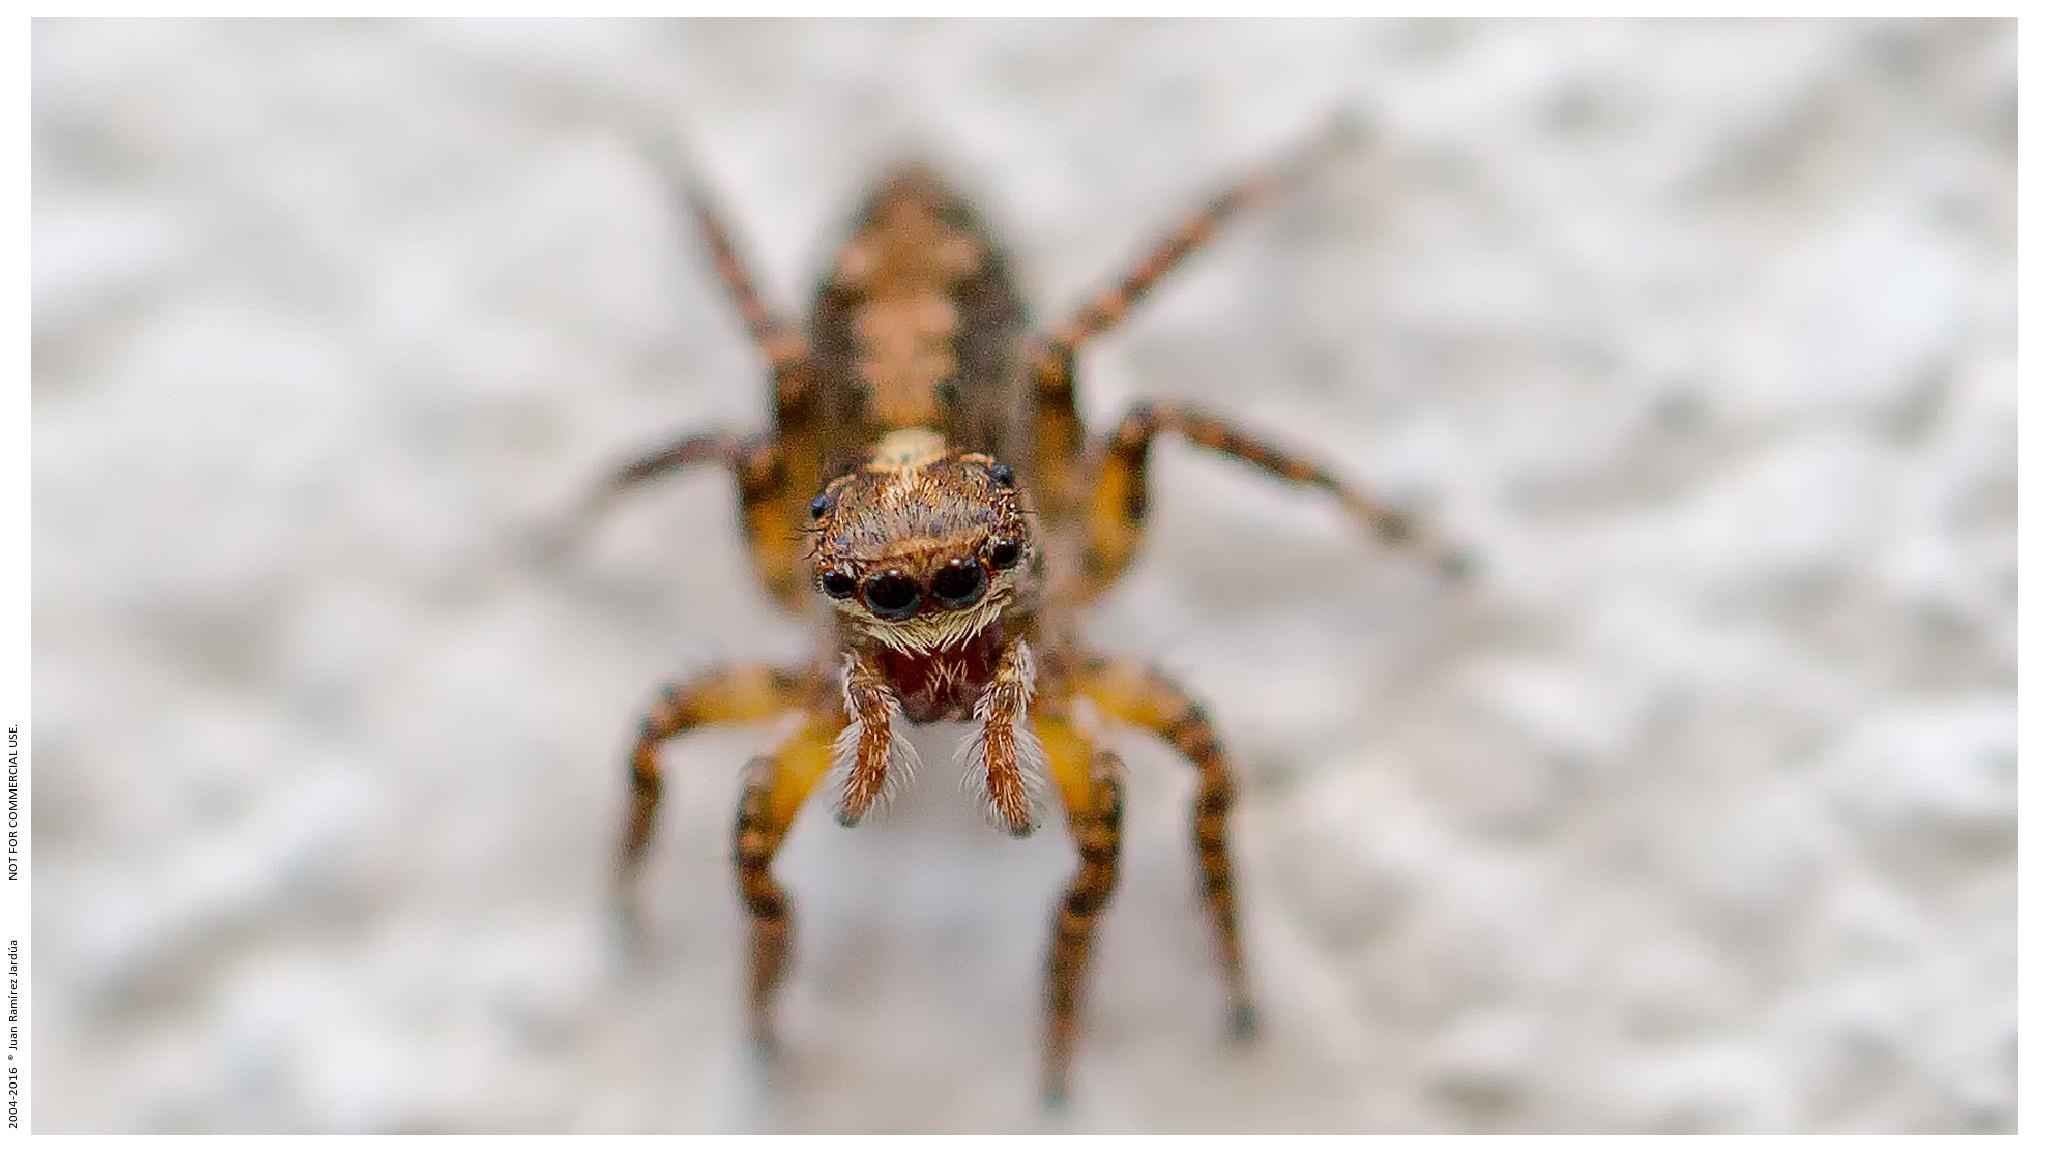 Spider in my garden by juanramirezj